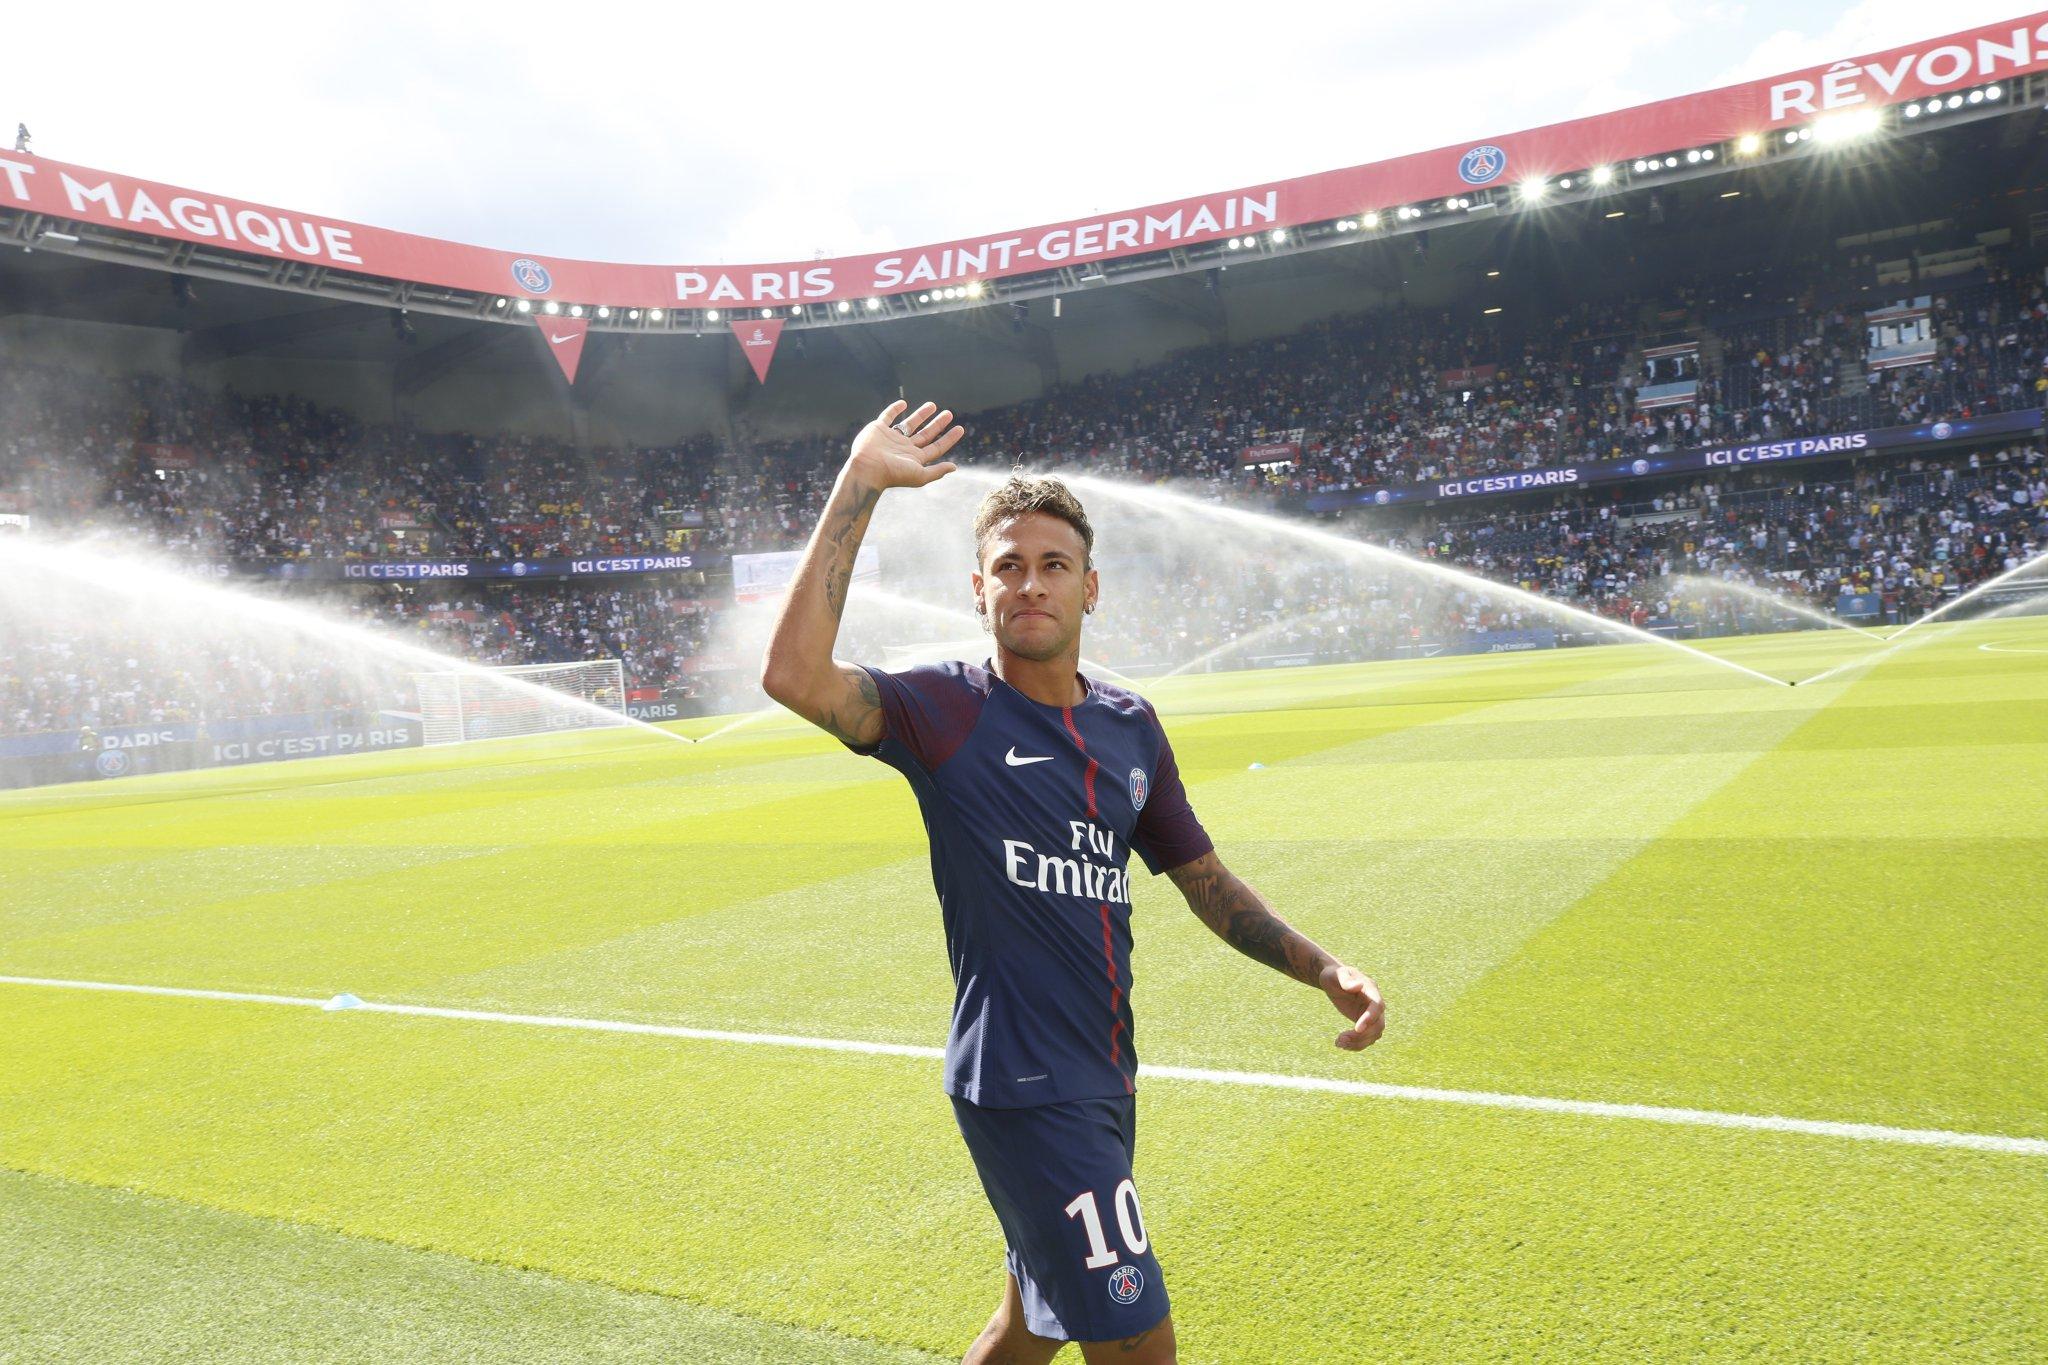 Le PSG l'annonce officiellement : Neymar est qualifié pour jouer à Paris !